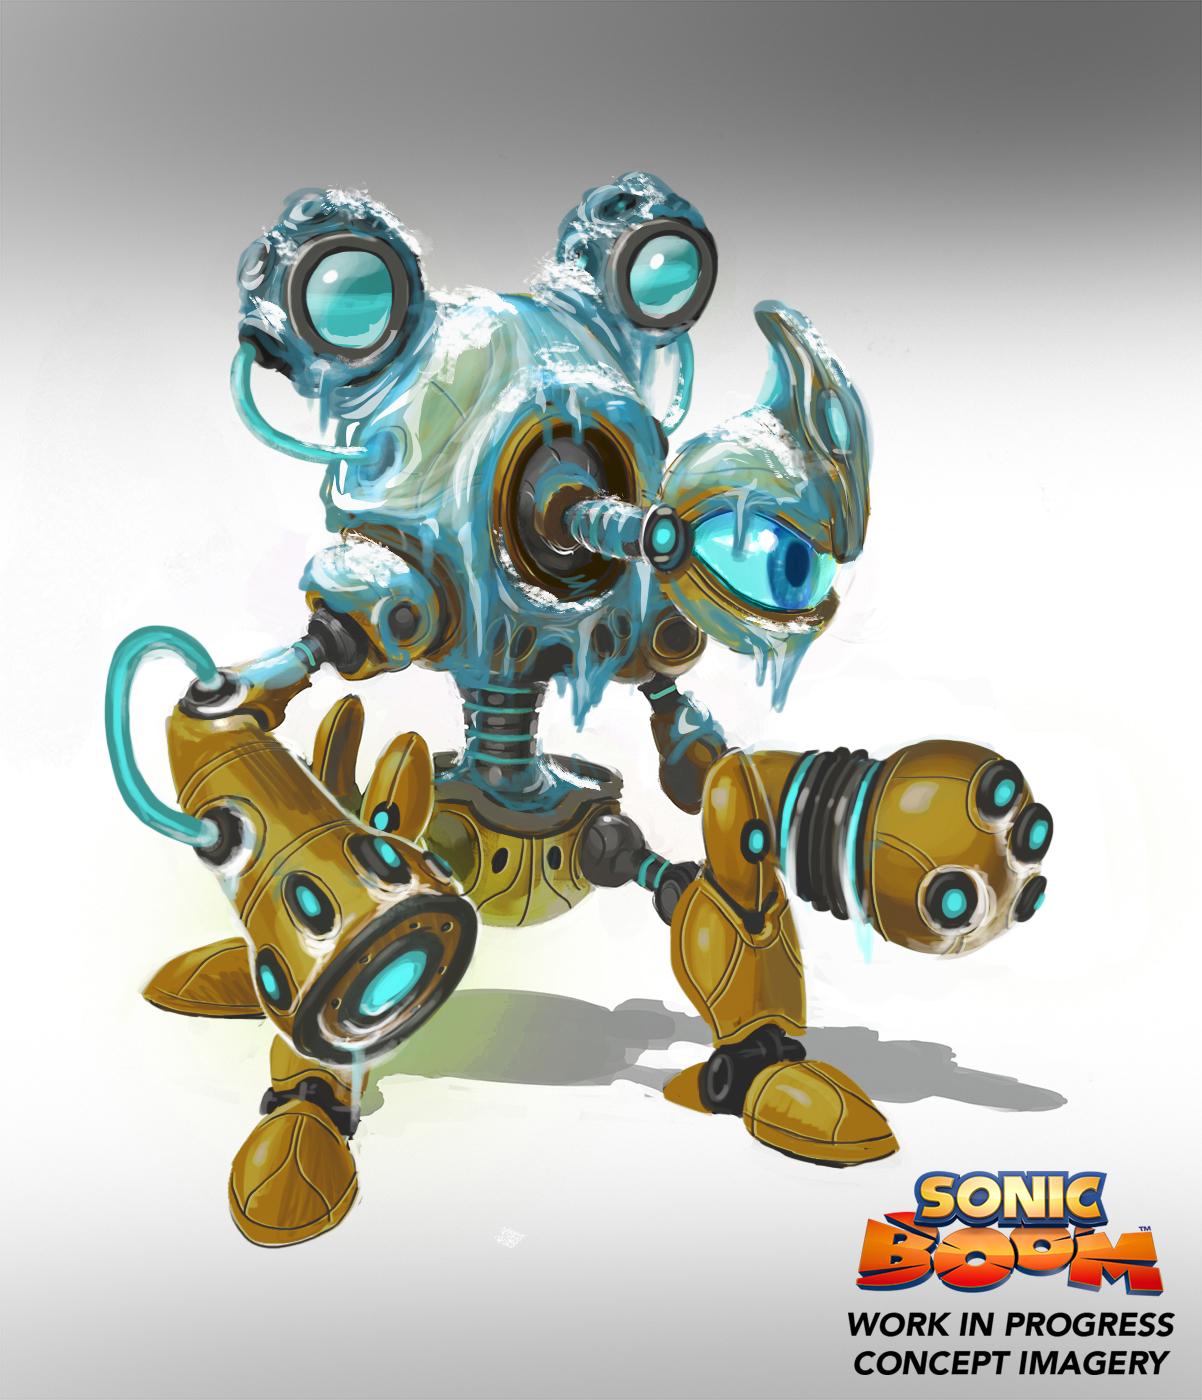 Tornado Sonic Boom Sonic Boom Rol Enemy 1